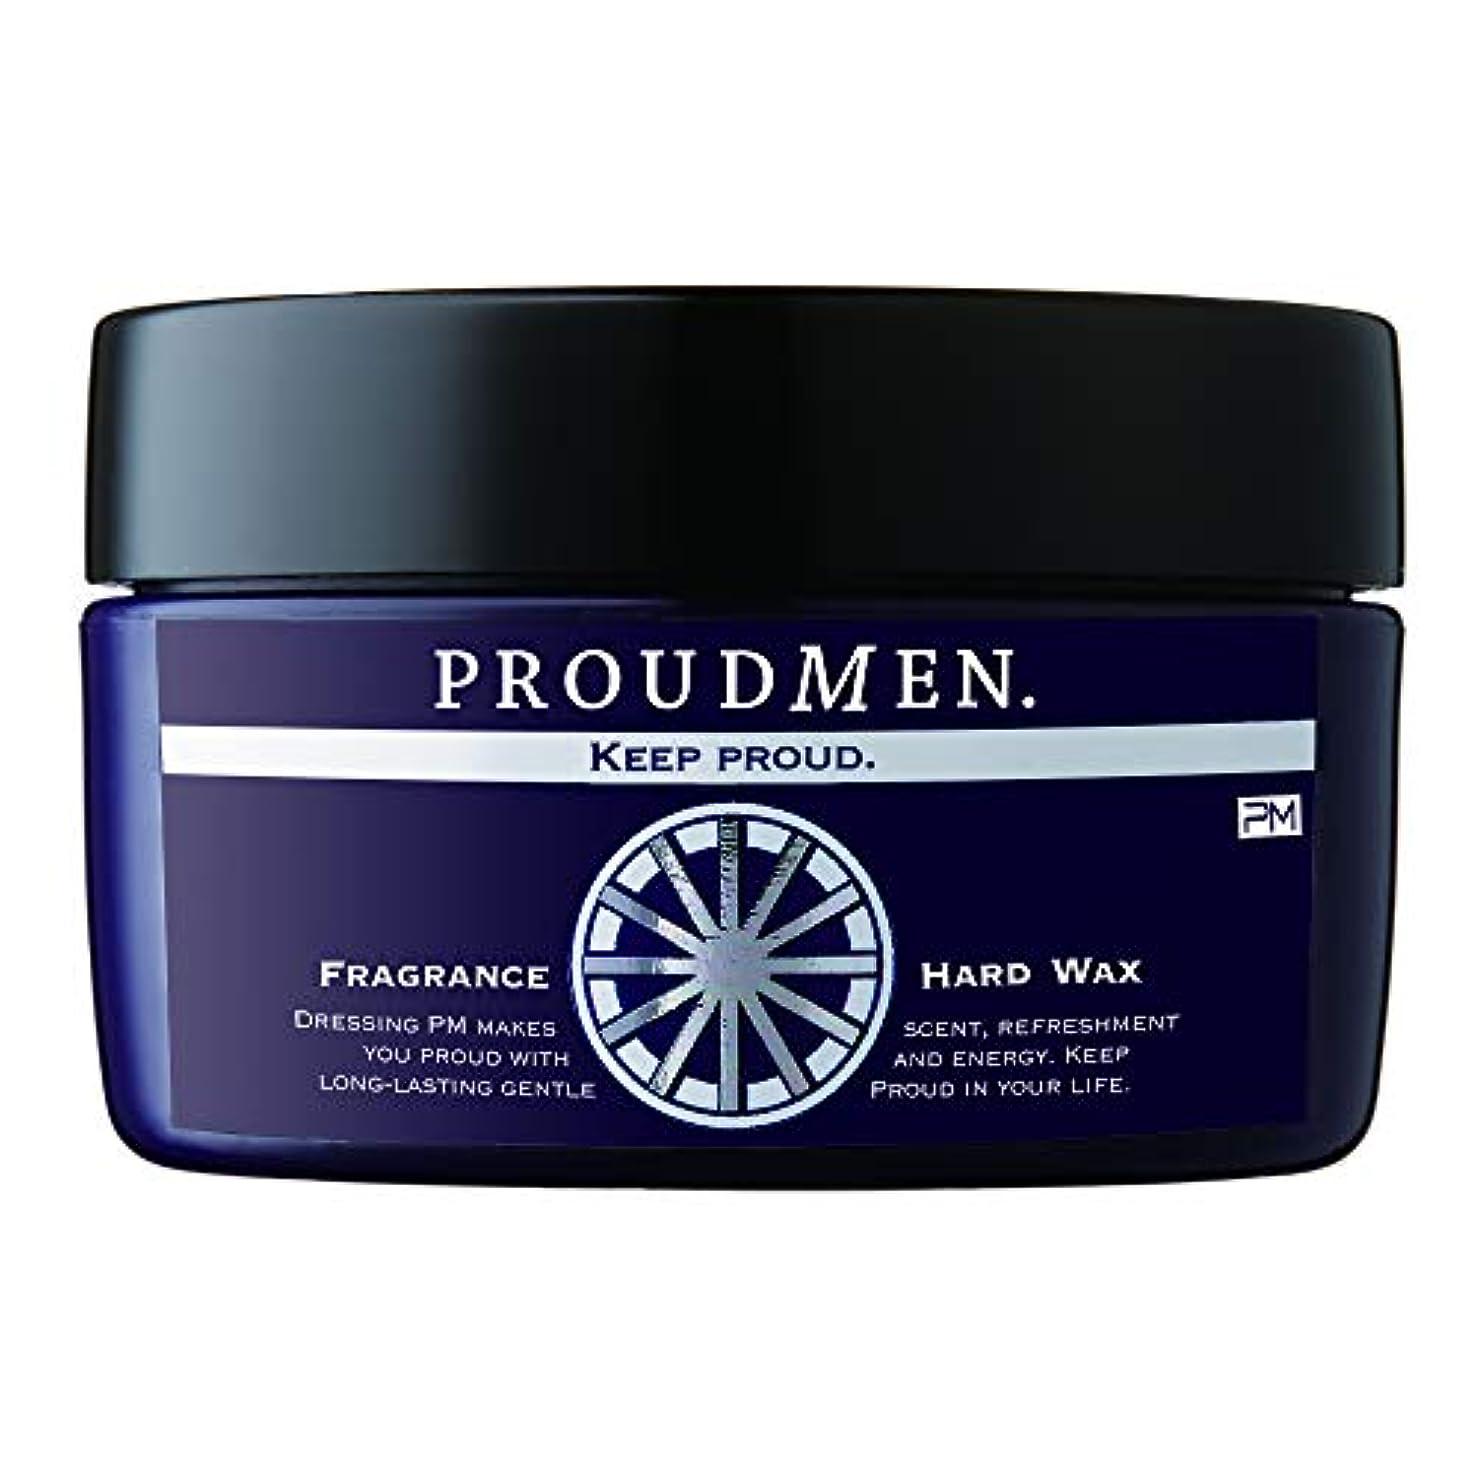 保全あえて小間プラウドメン フレグランスハードワックス 60g (グルーミング?シトラスの香り) 整髪料 スタイリング剤 ヘアワックス メンズ 男性